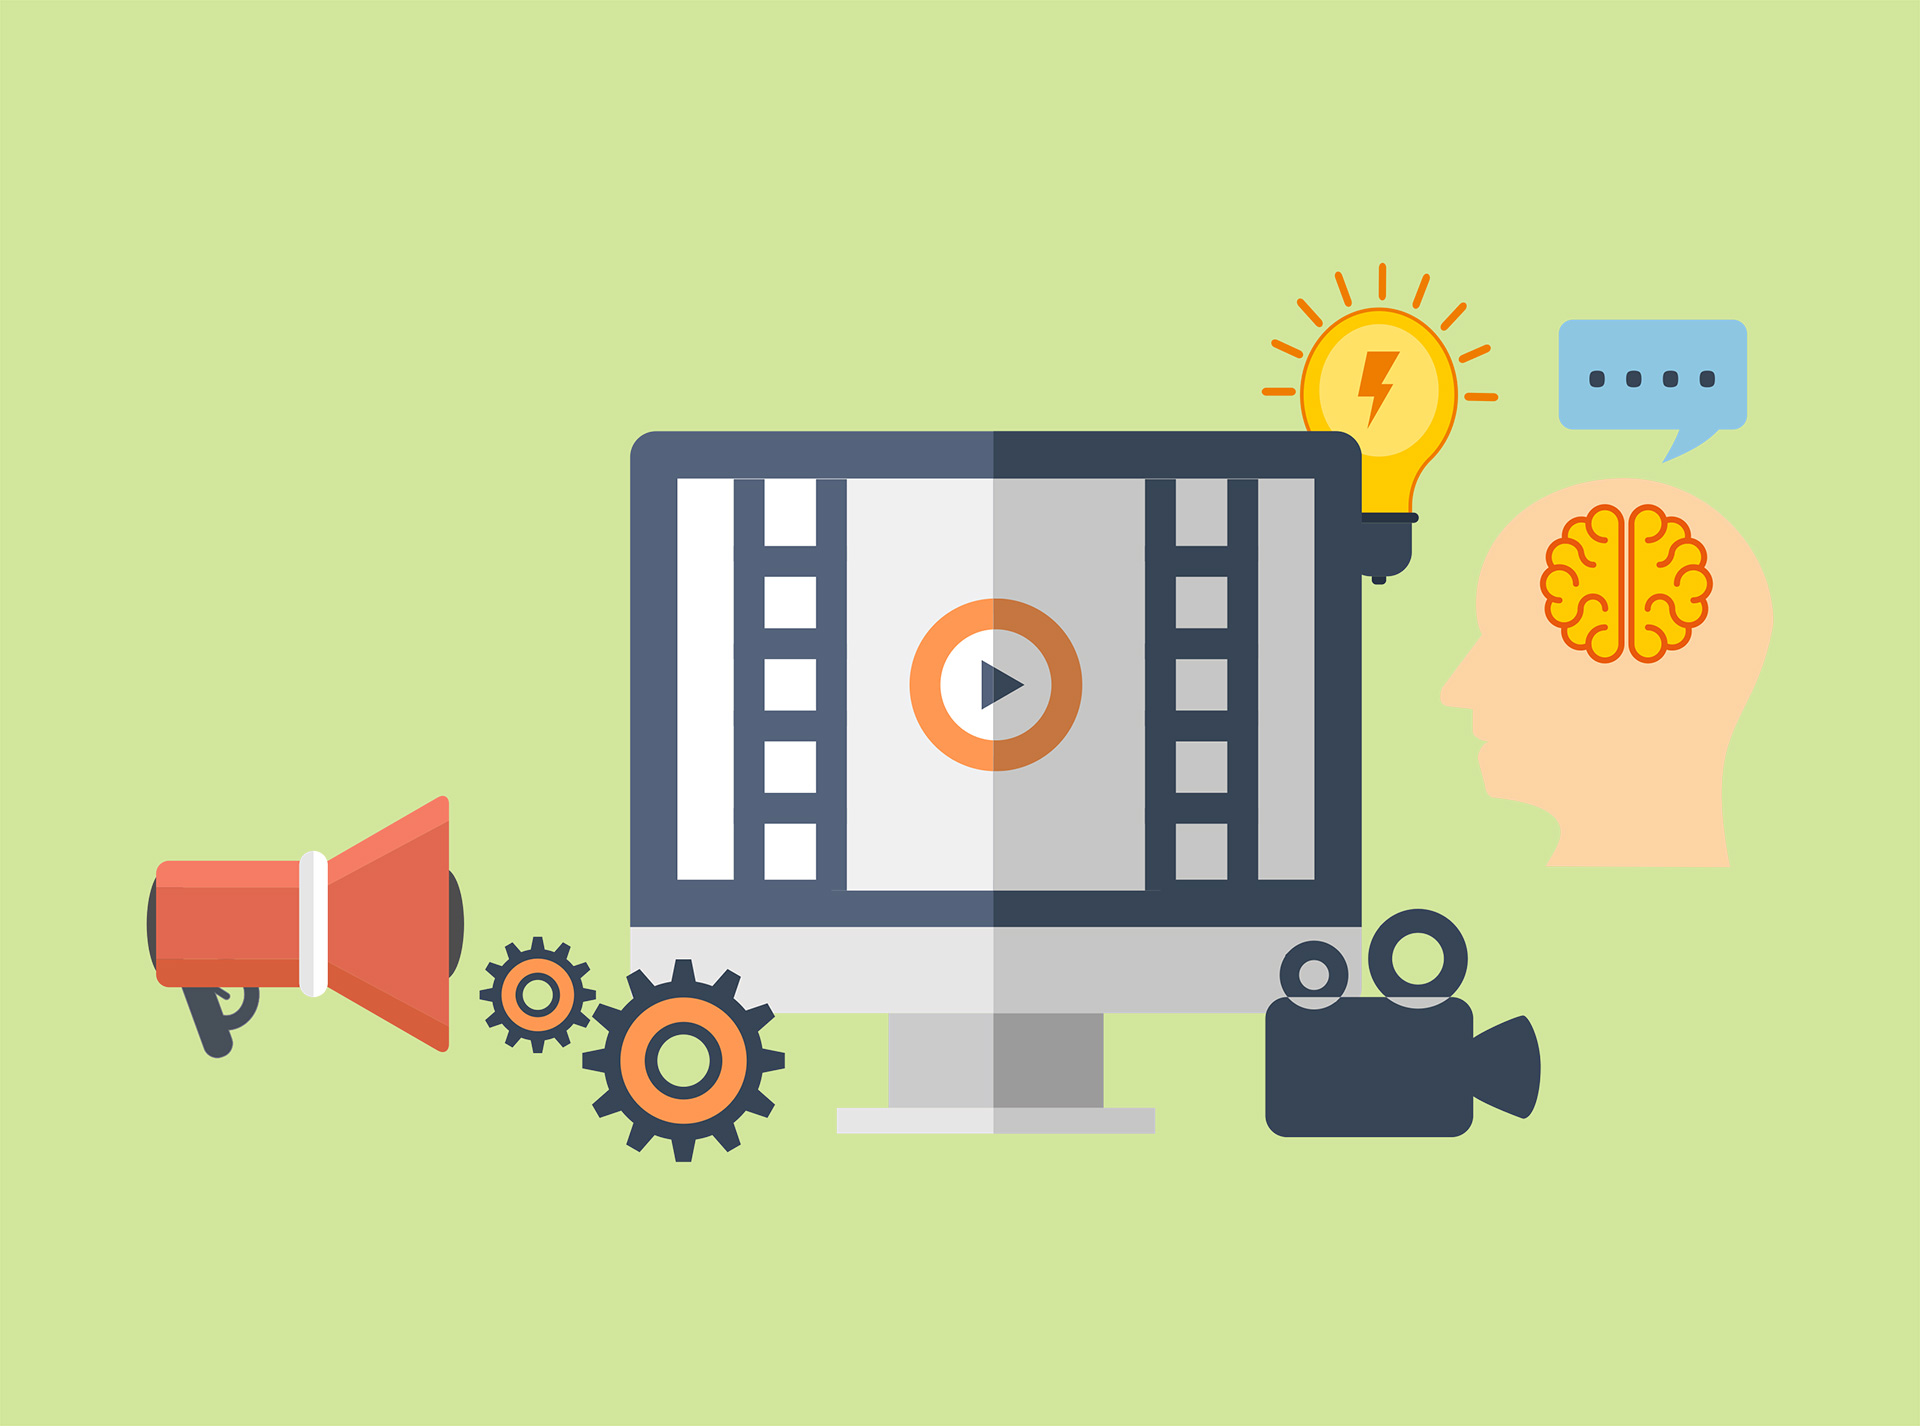 Ecreators lms hosting e. Action clipart video production